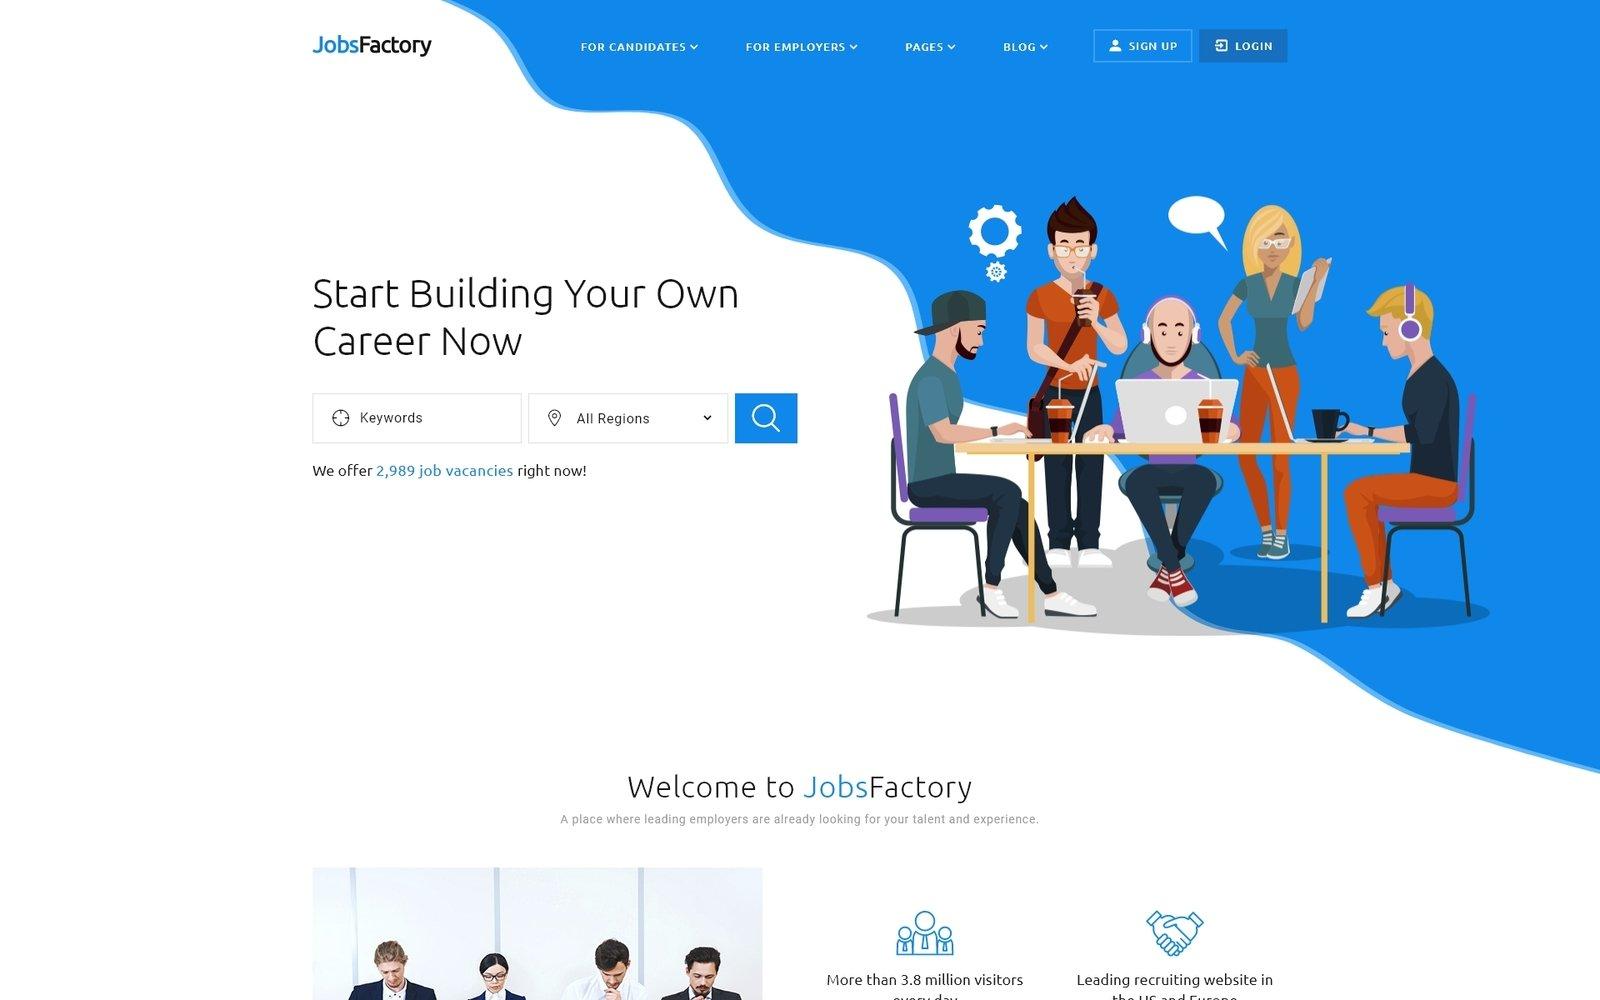 Responsywny szablon strony www JobsFactory - Job Portal Multipage HTML5 #53534 - zrzut ekranu